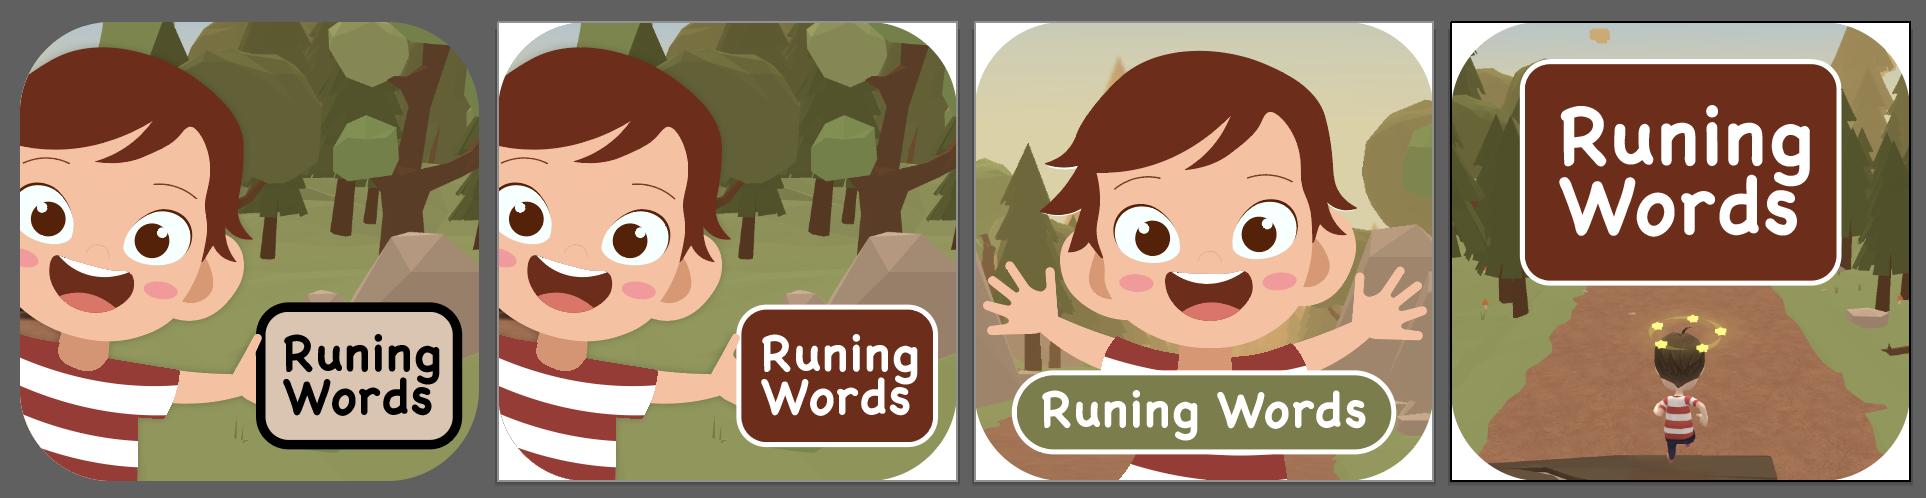 скриншоты для приложения